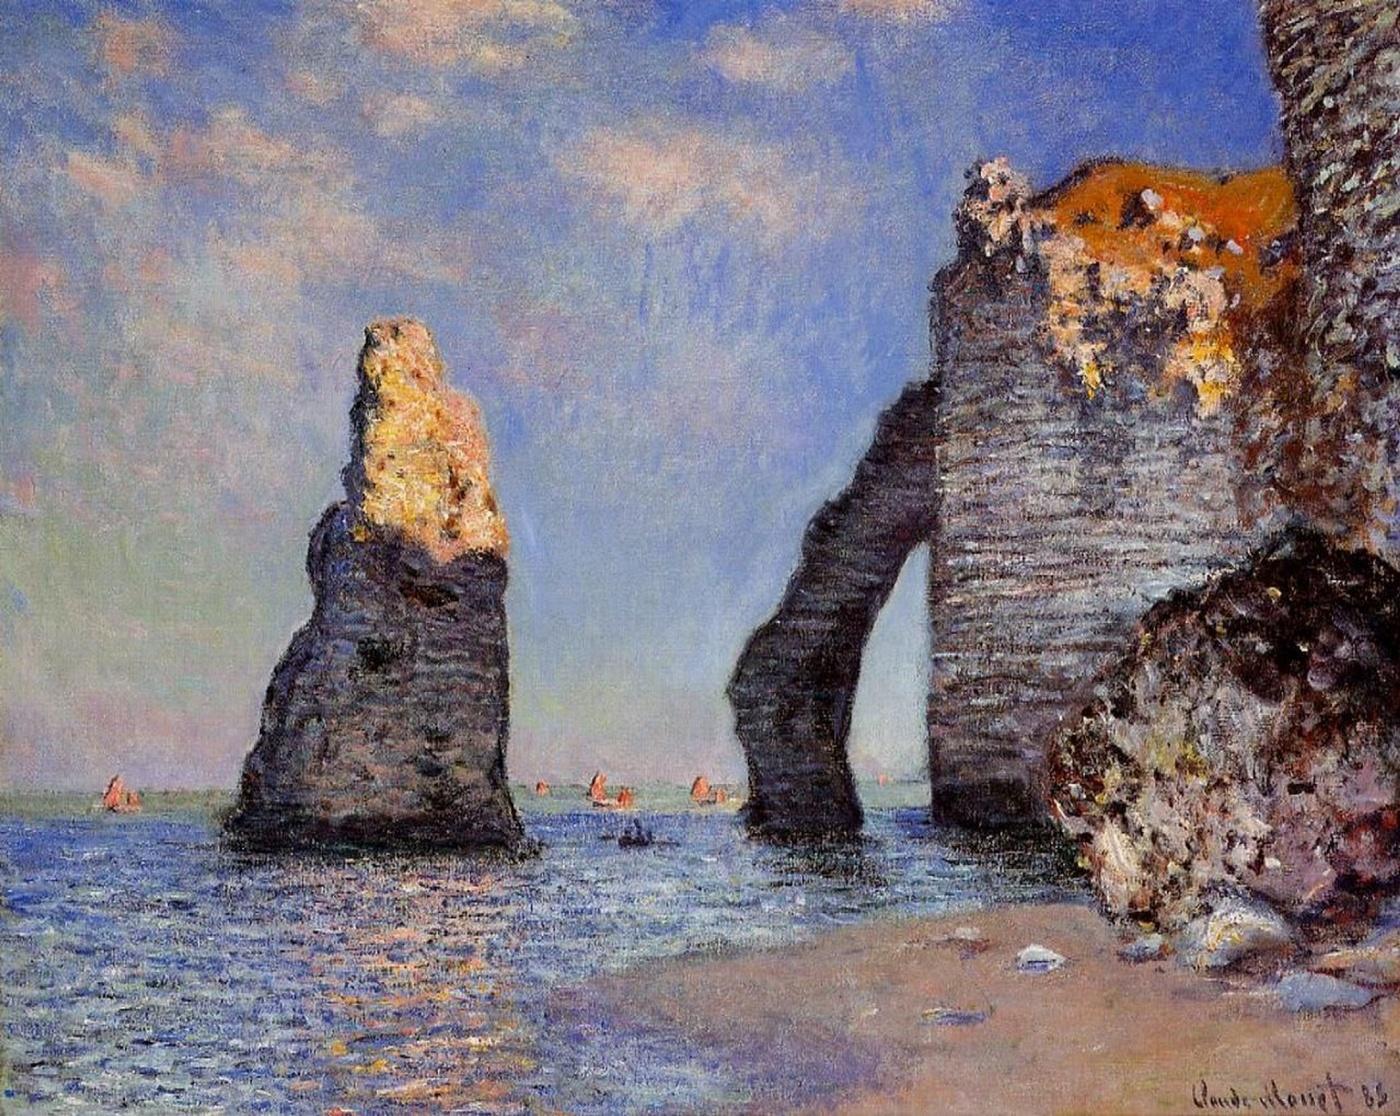 скалы и море < Камень-игла и порт д'Аваль >:: Клод Моне, описание картины - Моне Клод (Claude Monet) фото